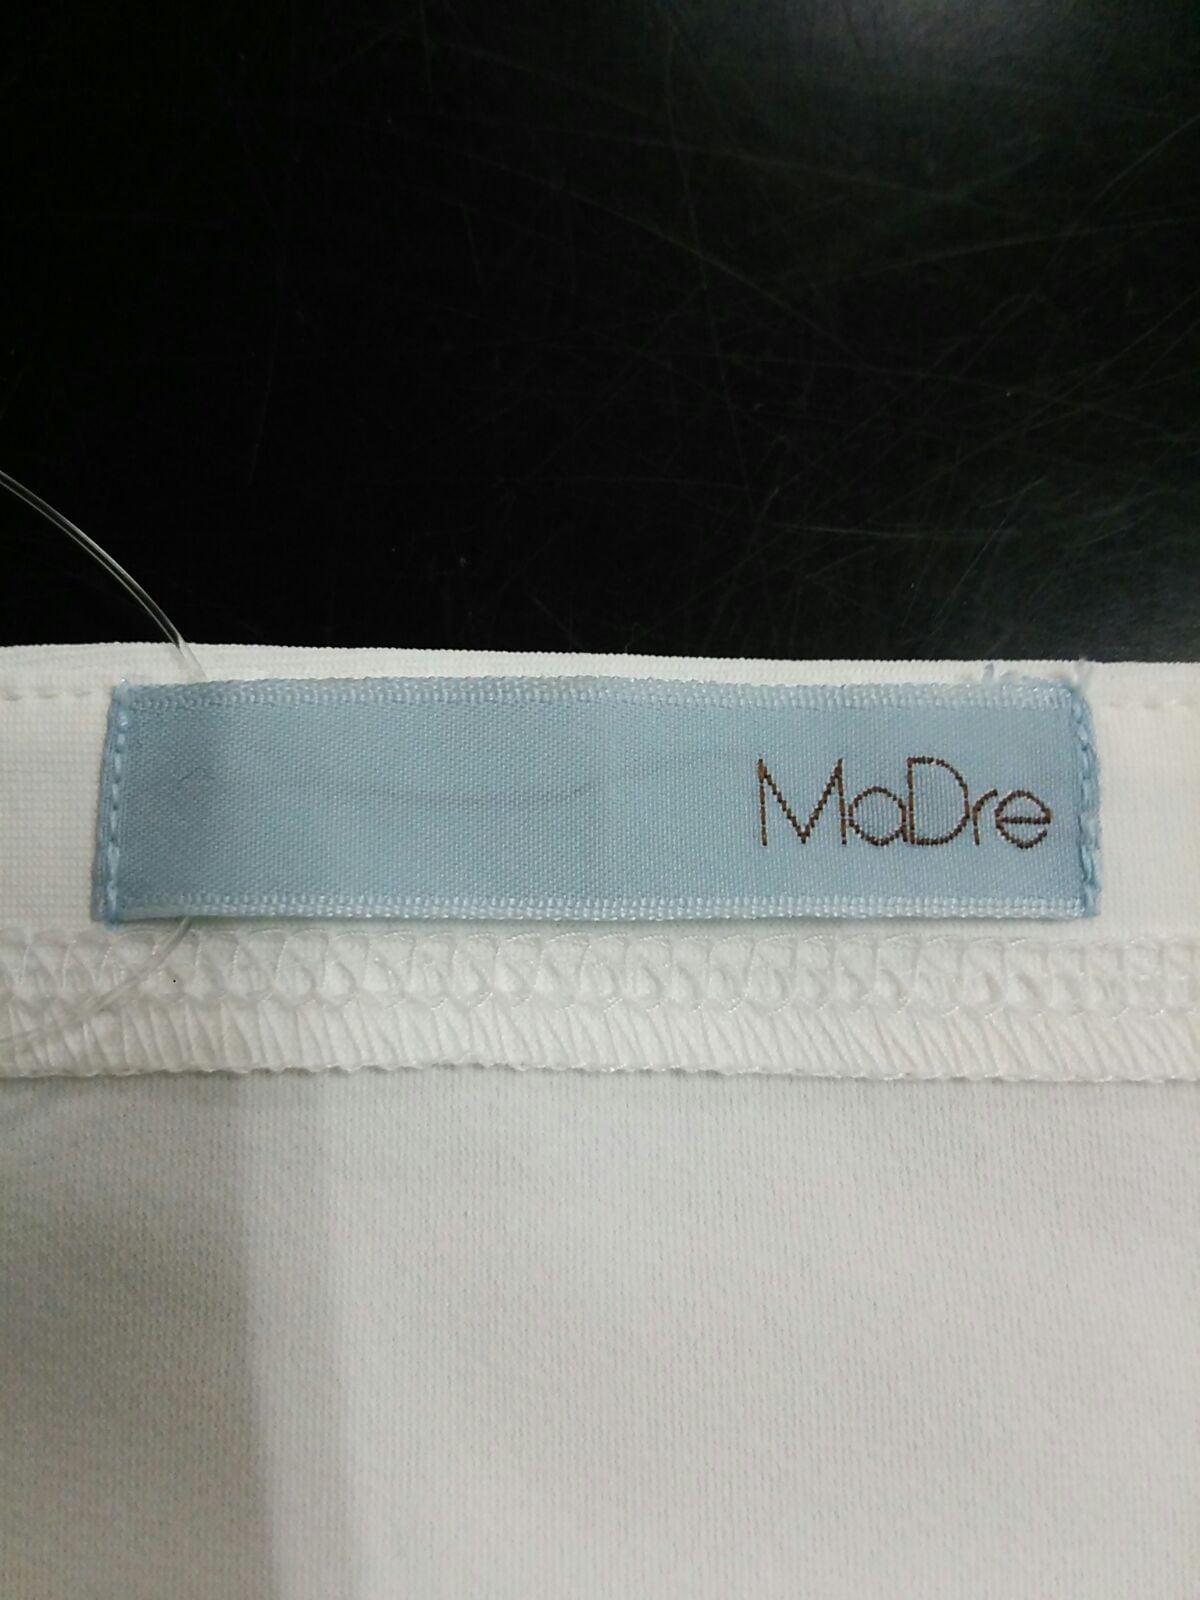 MaDore(マドーレ)のTシャツ